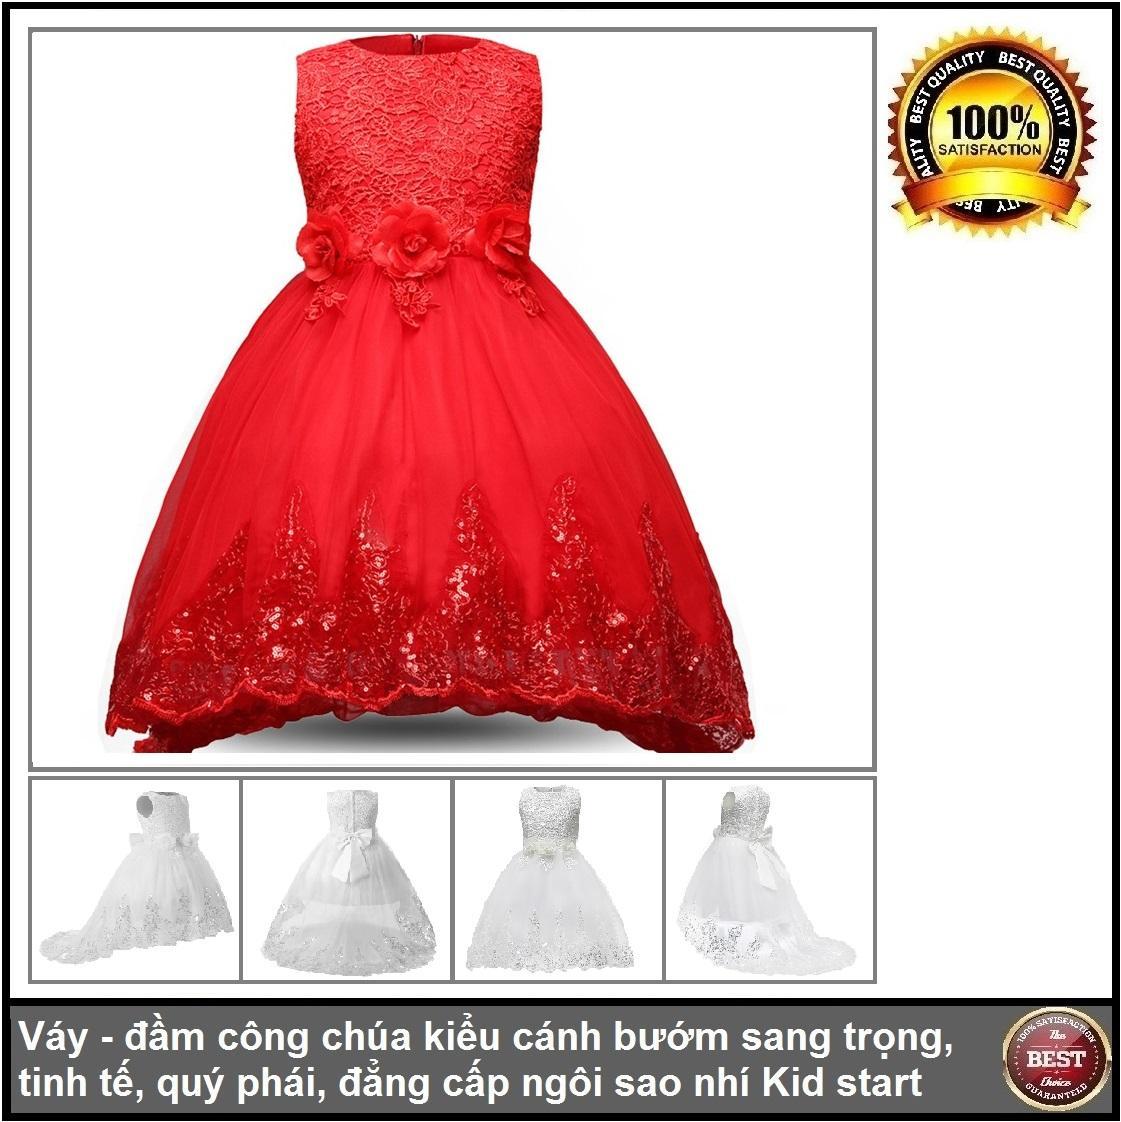 Giá bán Váy đầm công chúa đuôi họa tiết ren hoa cho bé gái từ 4 đến 7 tuổi, đẳng cấp ngôi sao nhí